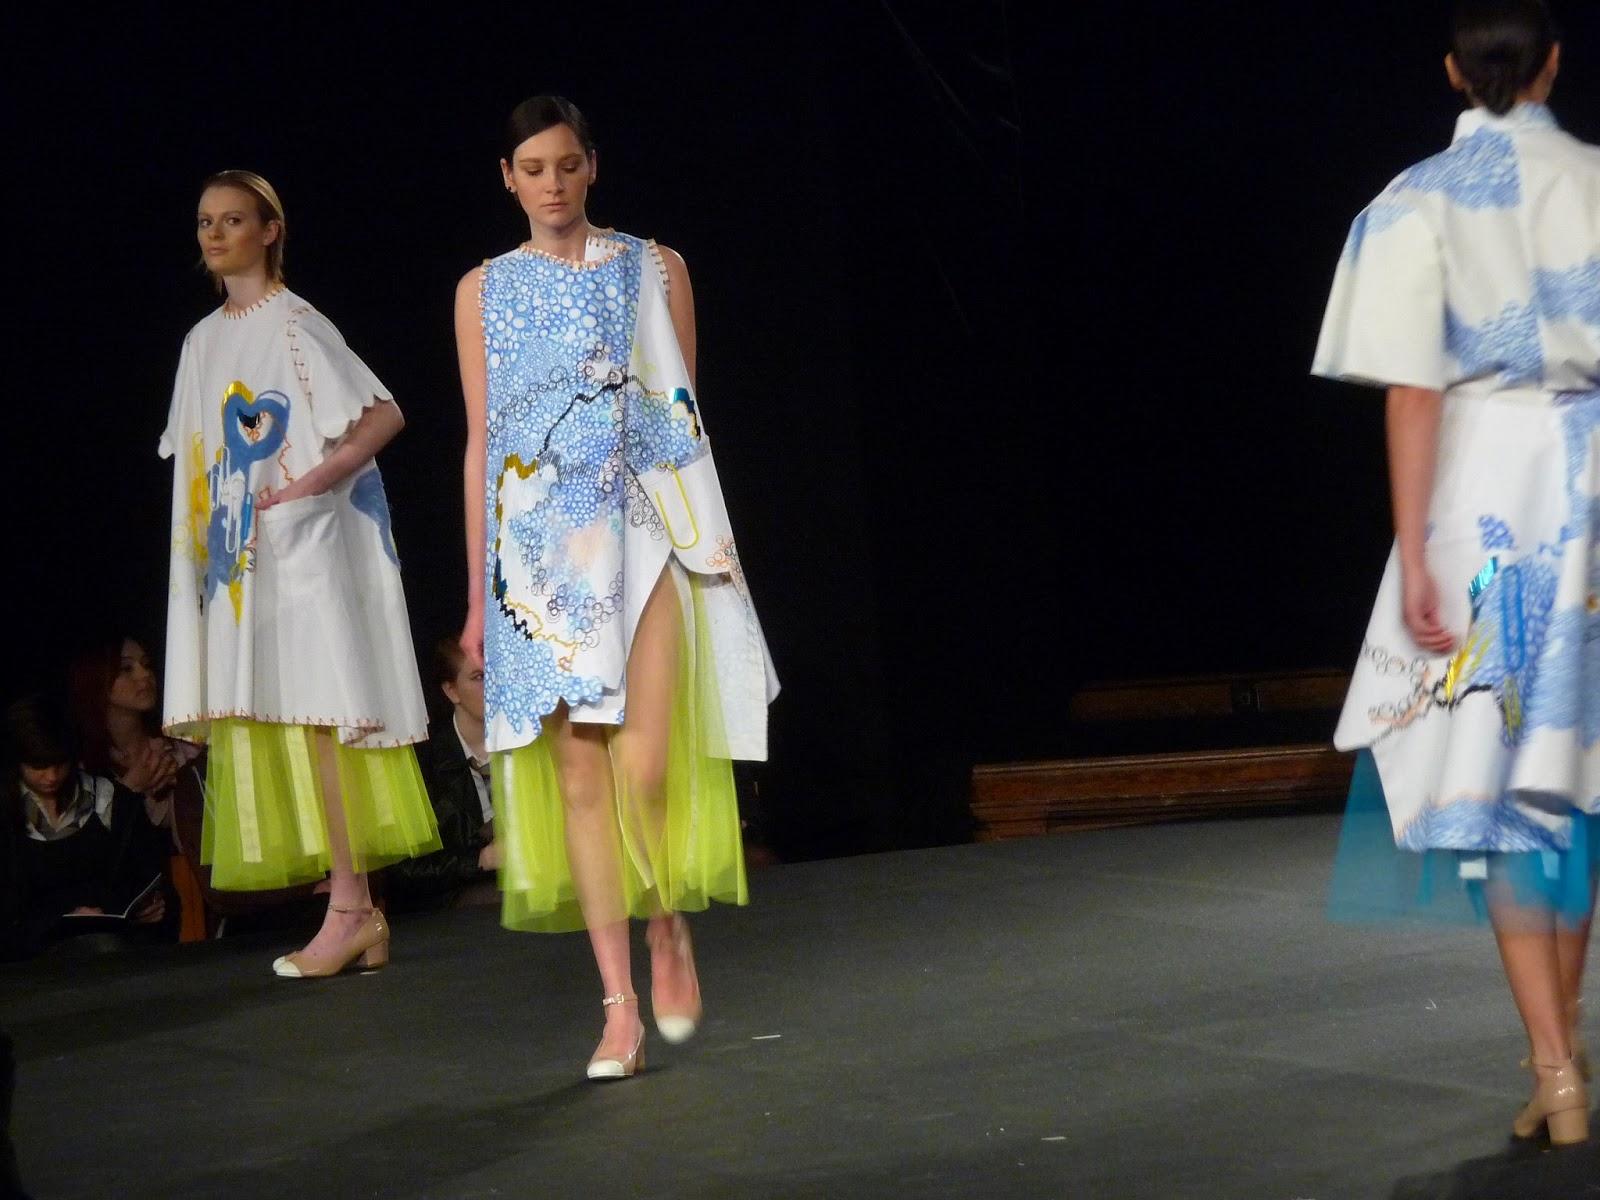 Tickets - Edinburgh College Edinburgh college of art fashion show tickets